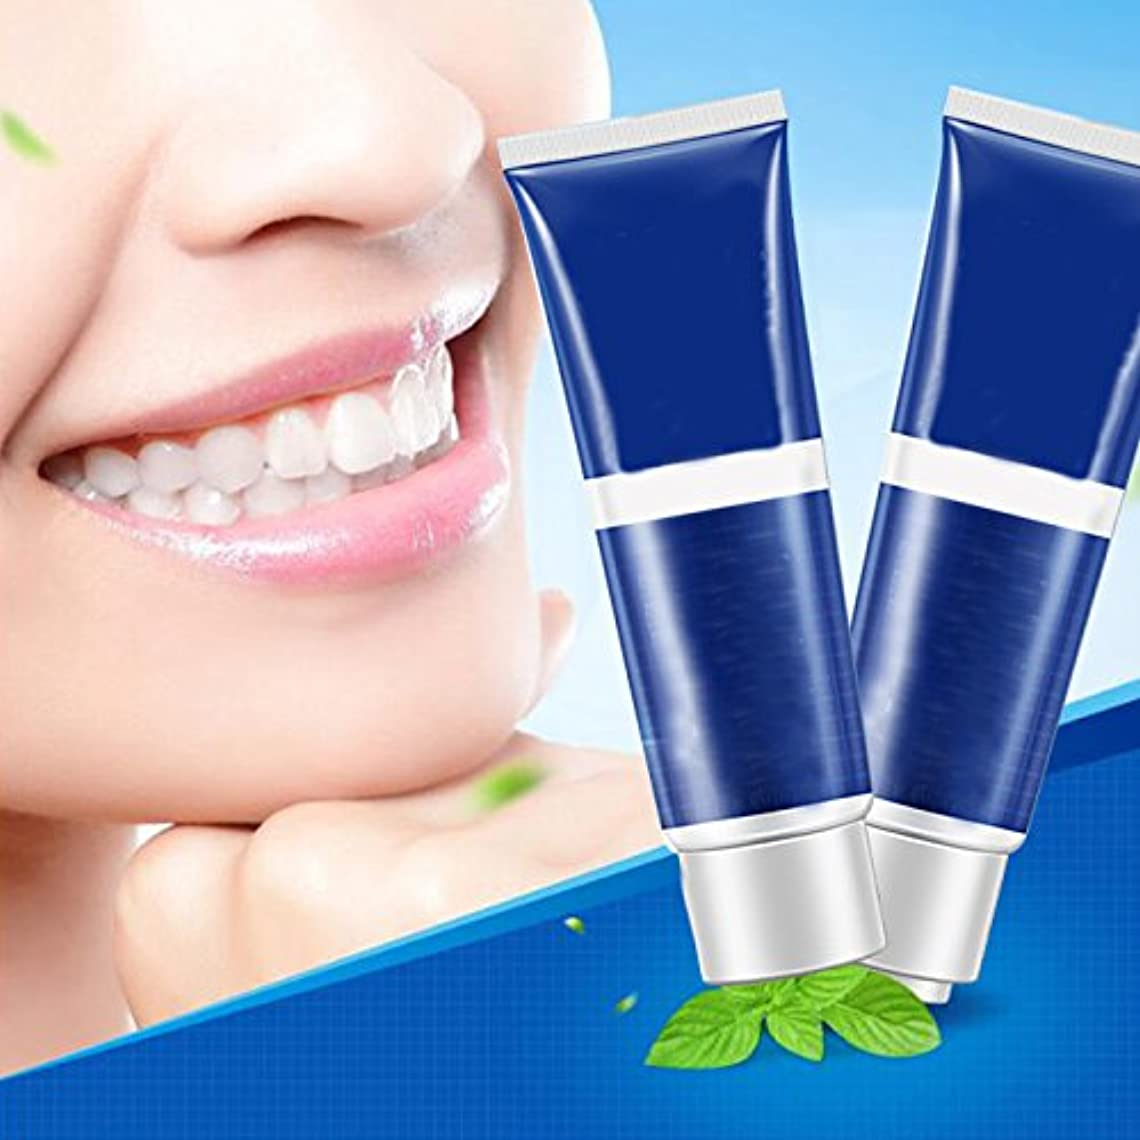 ささやき戸棚仕方120g白い歯が口臭の歯磨き粉を取り除きます